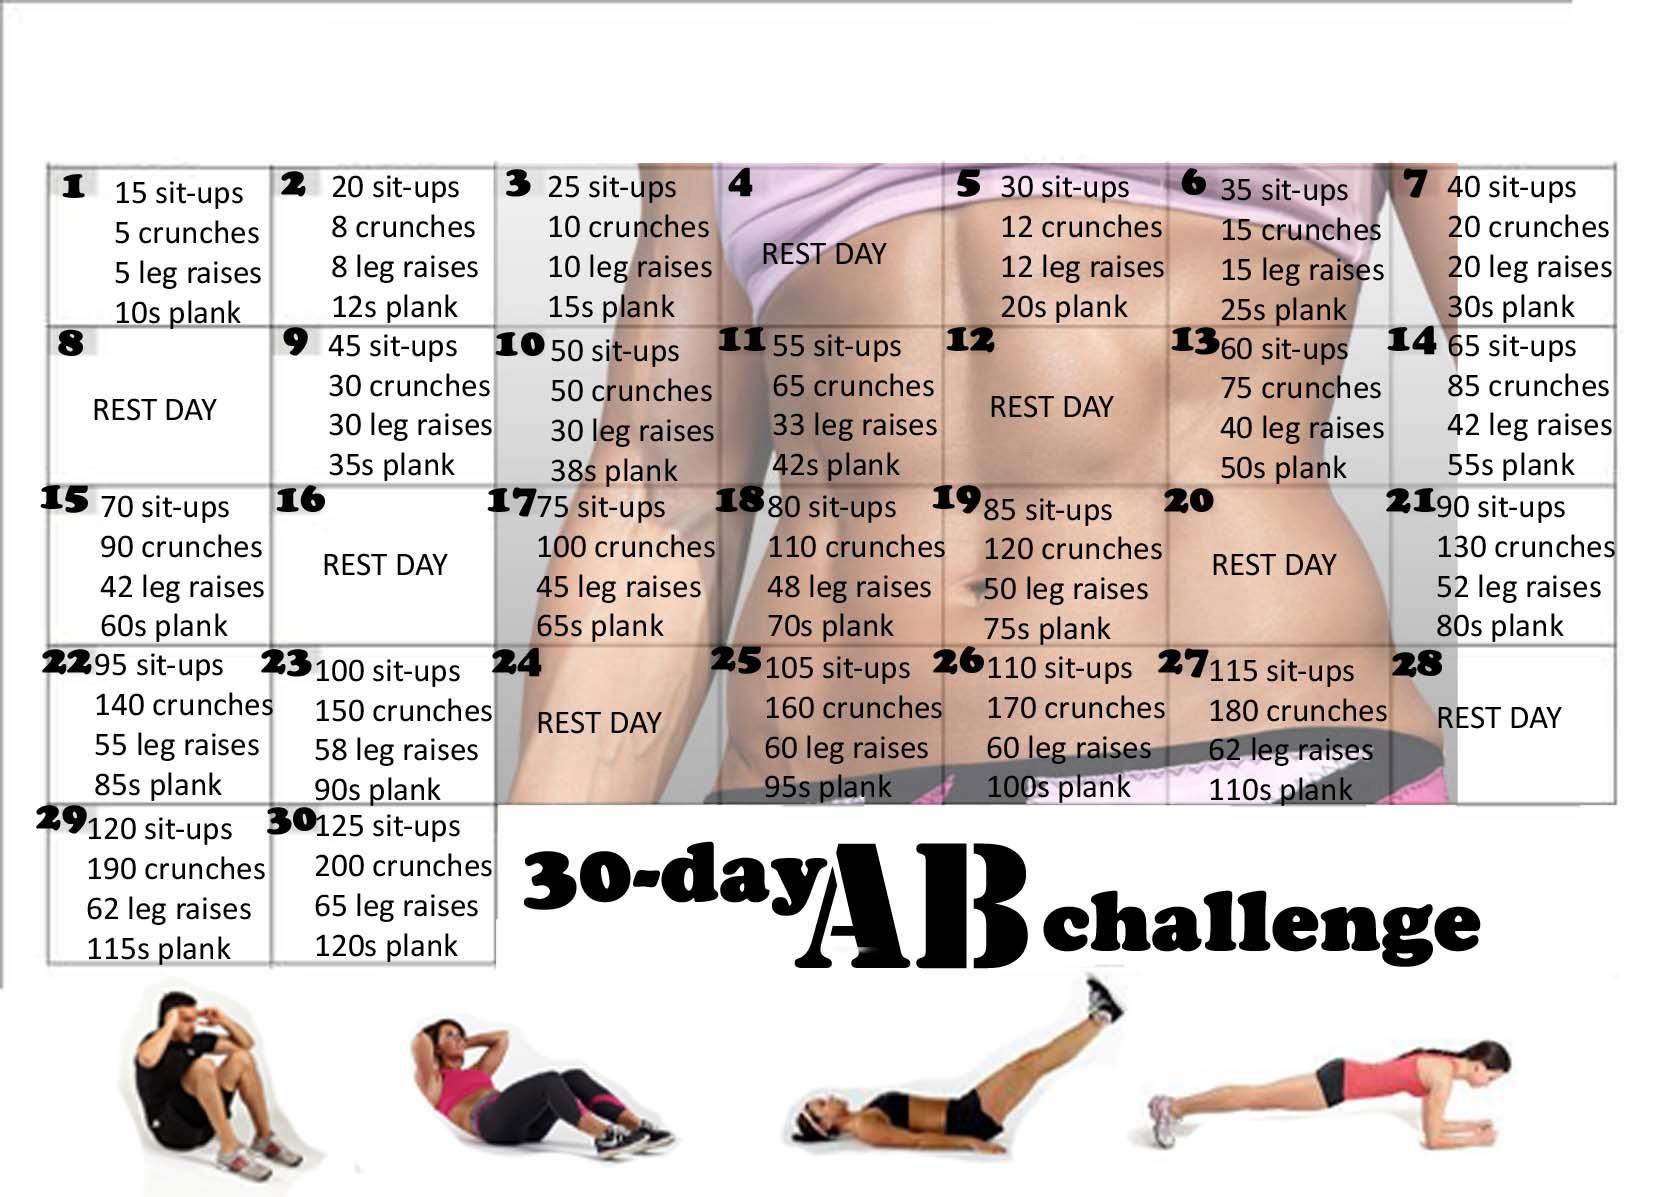 30 Day Ab Challenge   30 Day Ab Challenge, 30 Day Abs, Ab With 30 Day Abs Challenge Printable